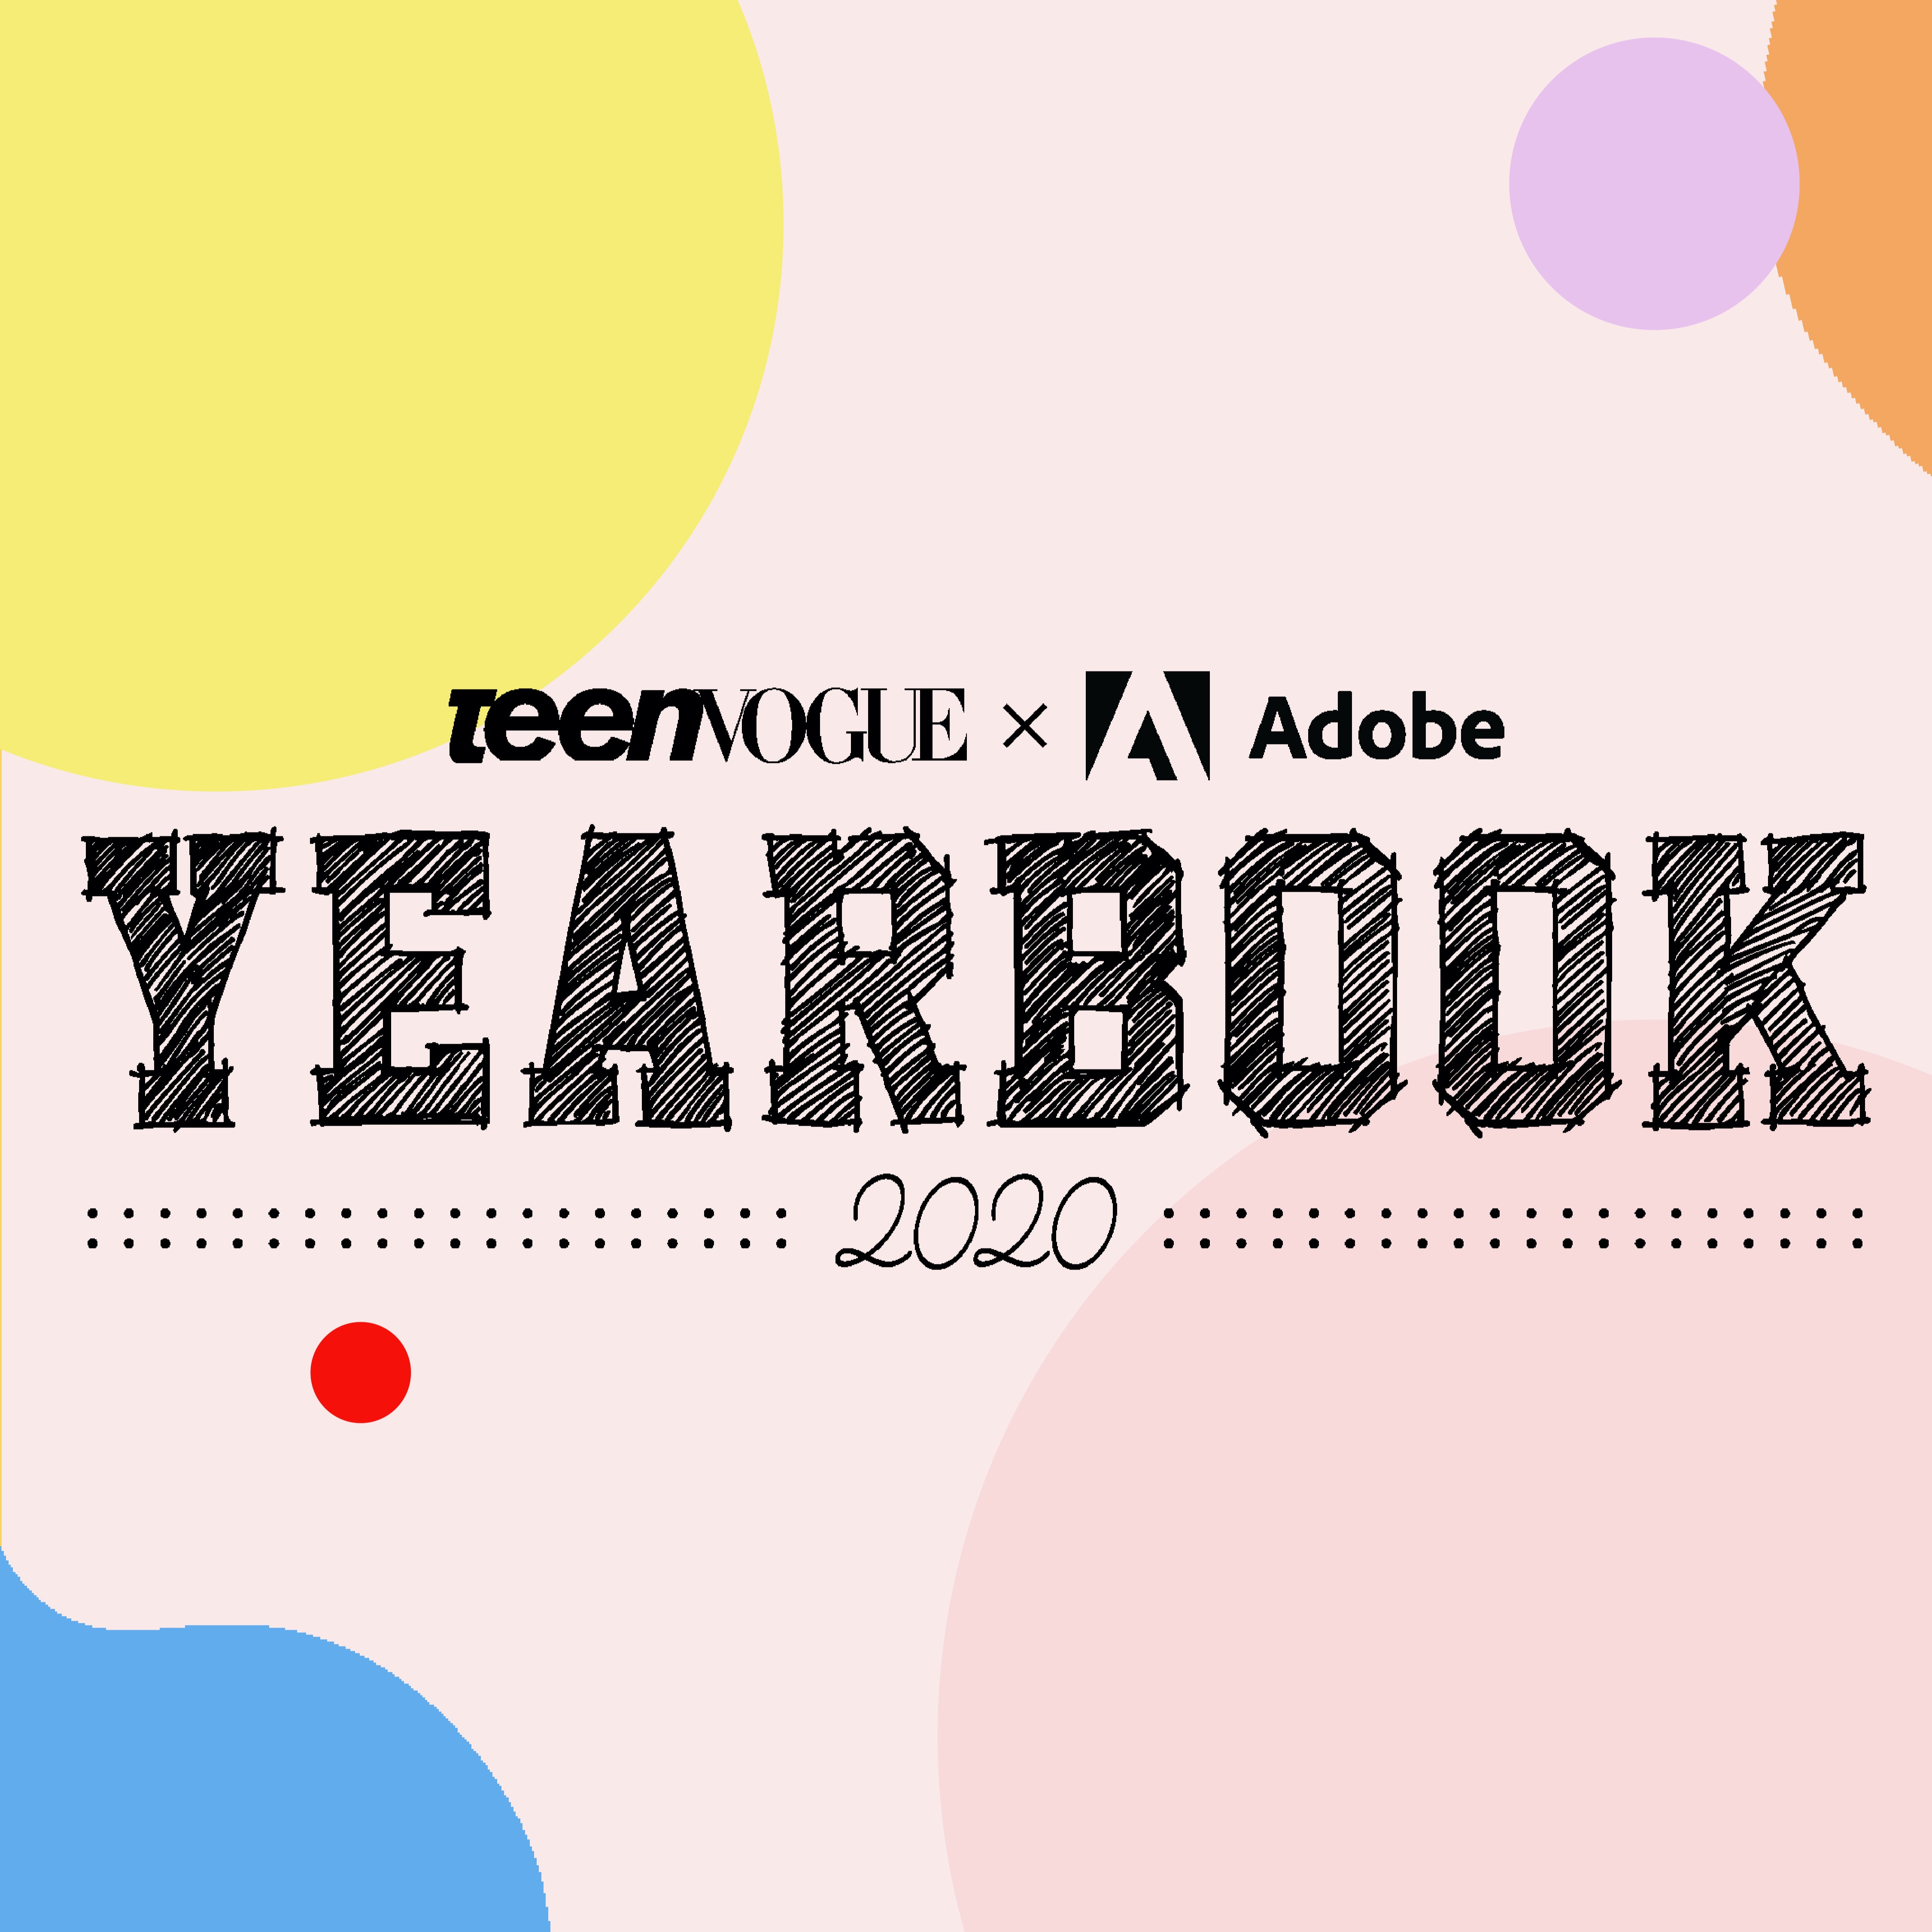 @adobespark Adobe x Teen Vogue 2020 Digital Yearbook Link Thumbnail | Linktree